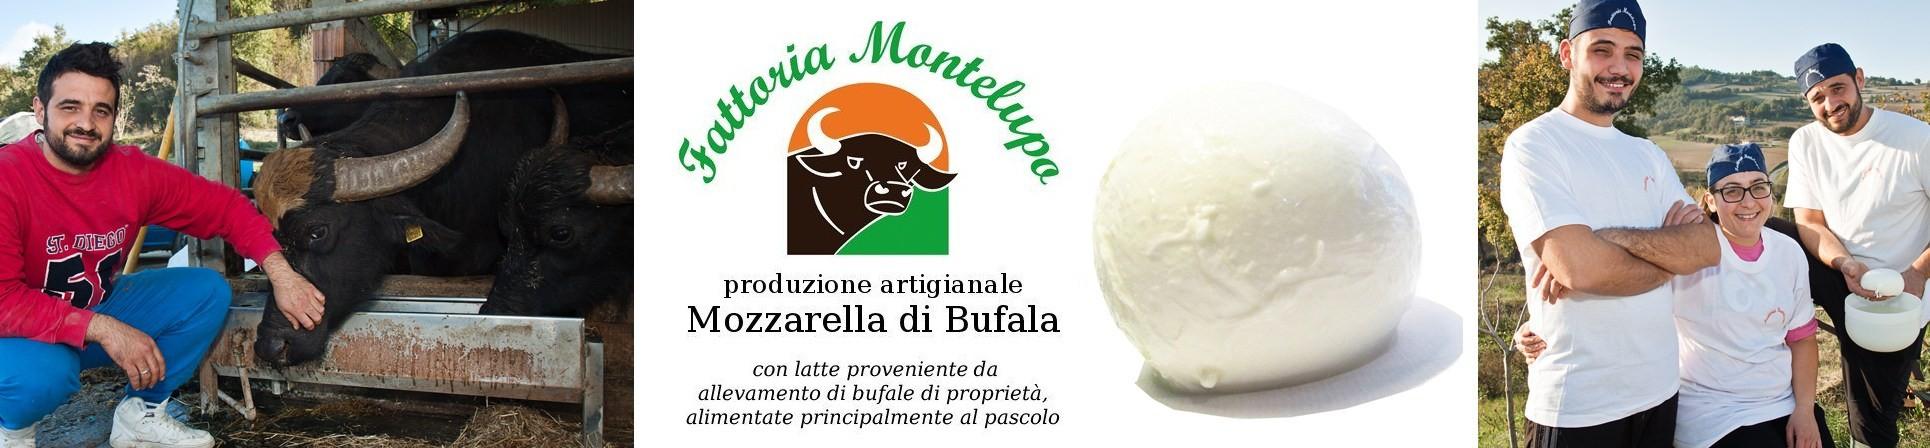 B2B GUSTOX - il Marketplace all'ingrosso delle eccellenze agroalimentari italiane - FATTORIA MONTELUPO